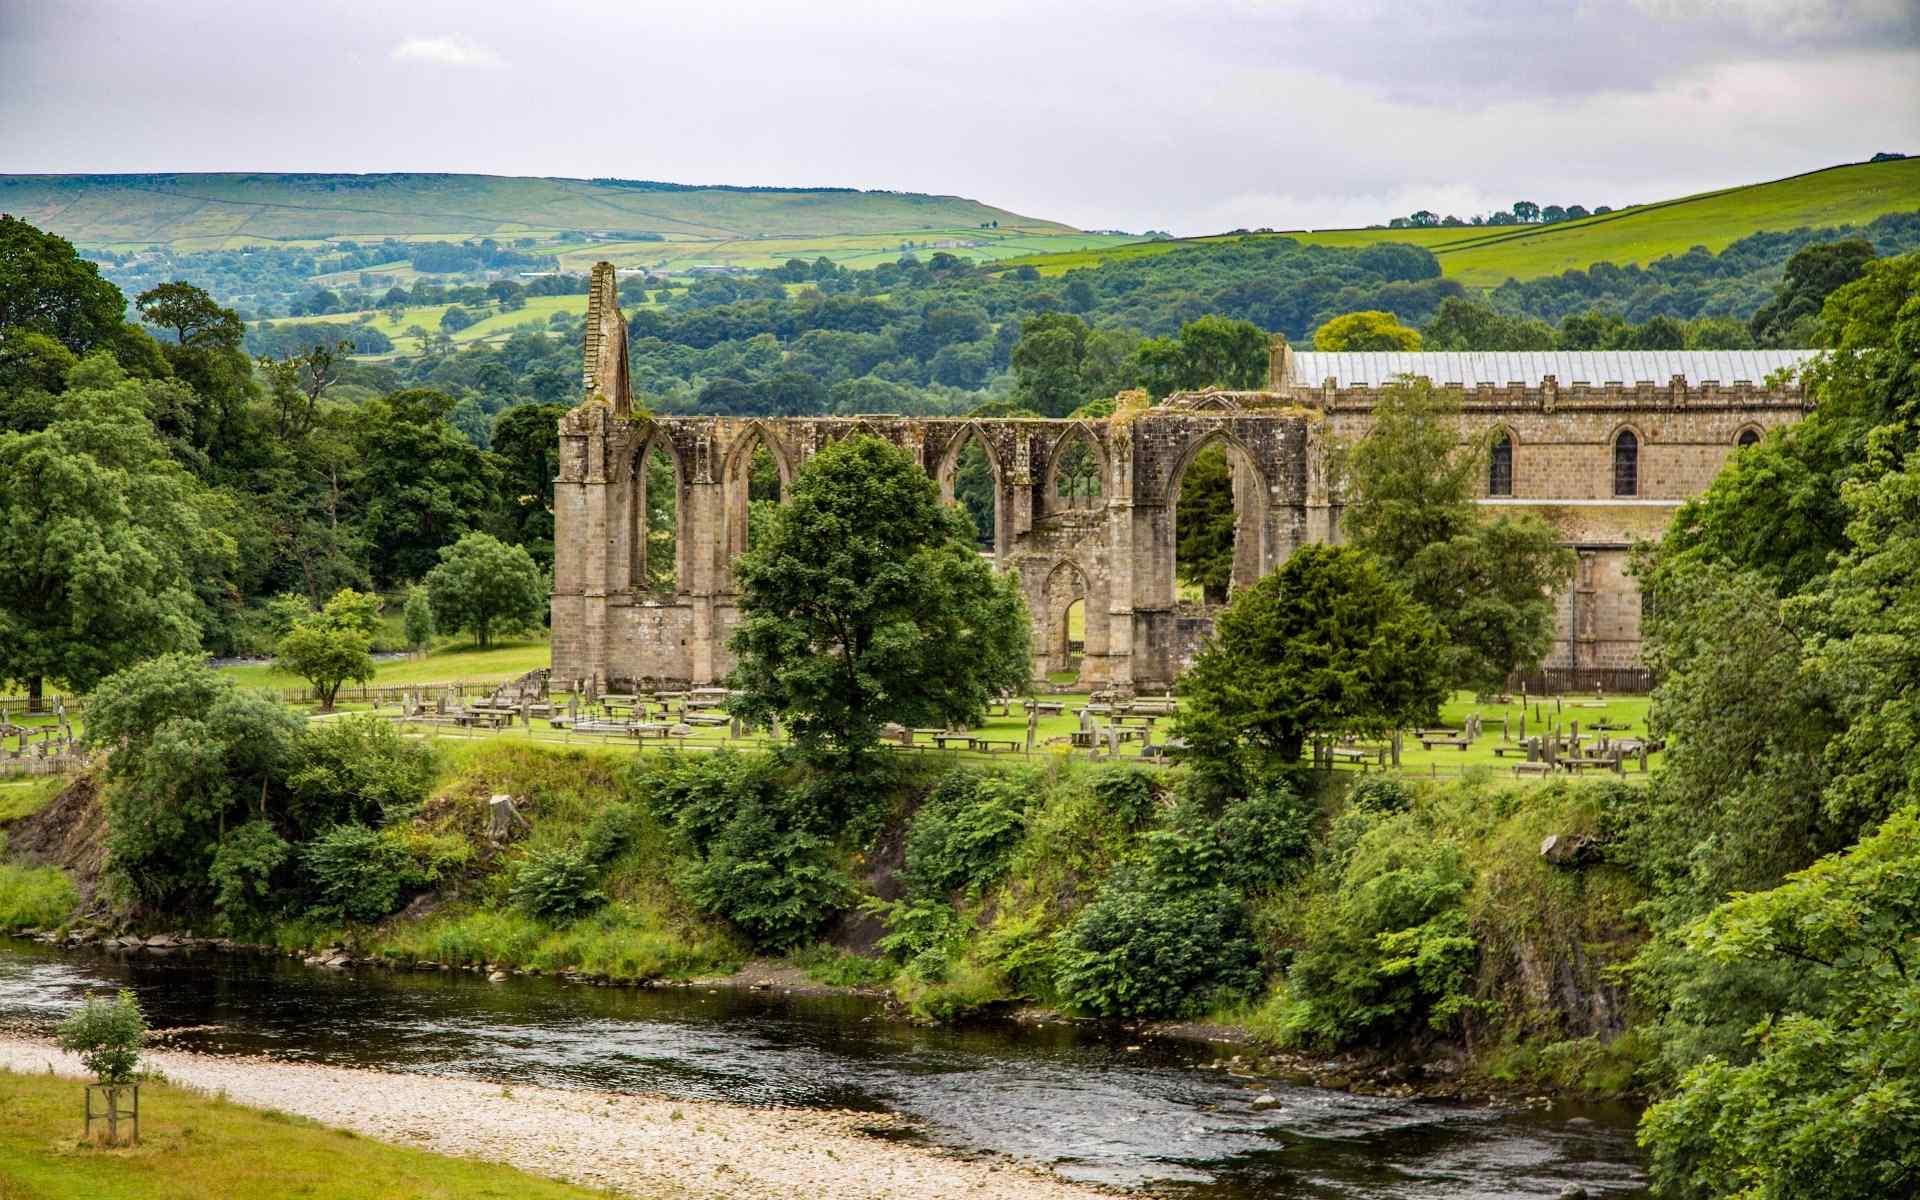 英格兰博尔特修道院自然风景图片桌面壁纸